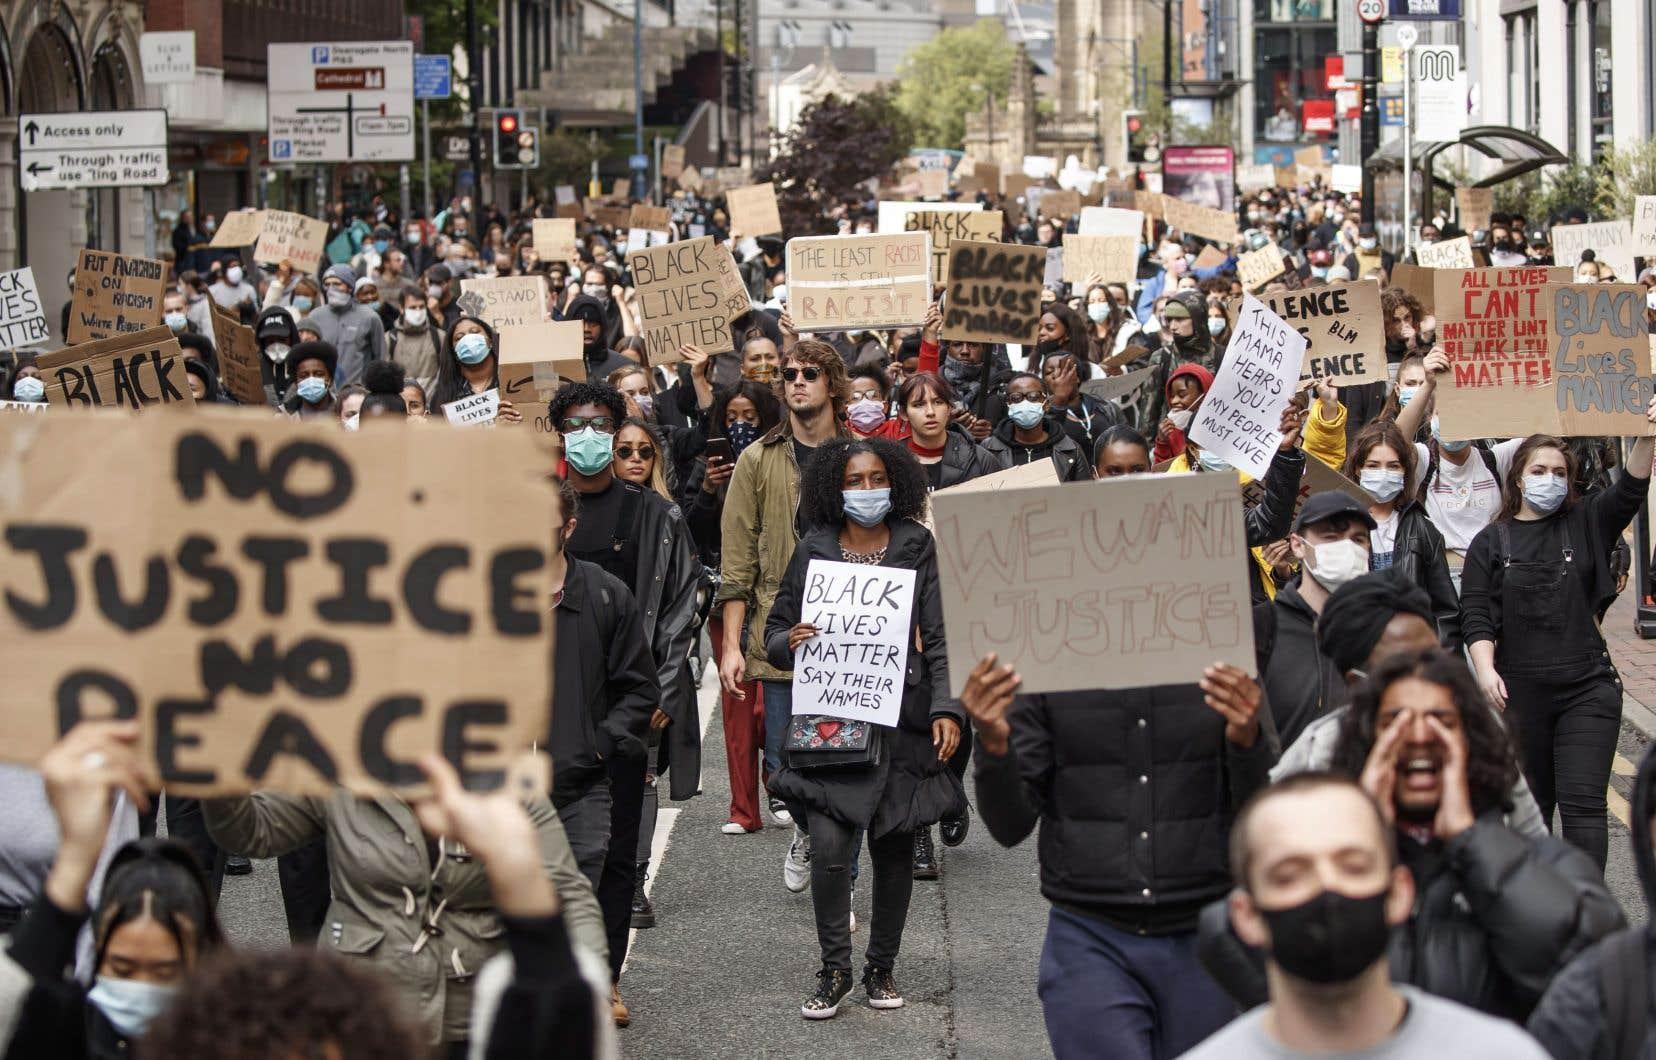 De Bristol à Budapest en passant par Madrid et Rome, des dizaines de milliers d'Européens ont dénoncé le racisme et les violences policières dimanche.